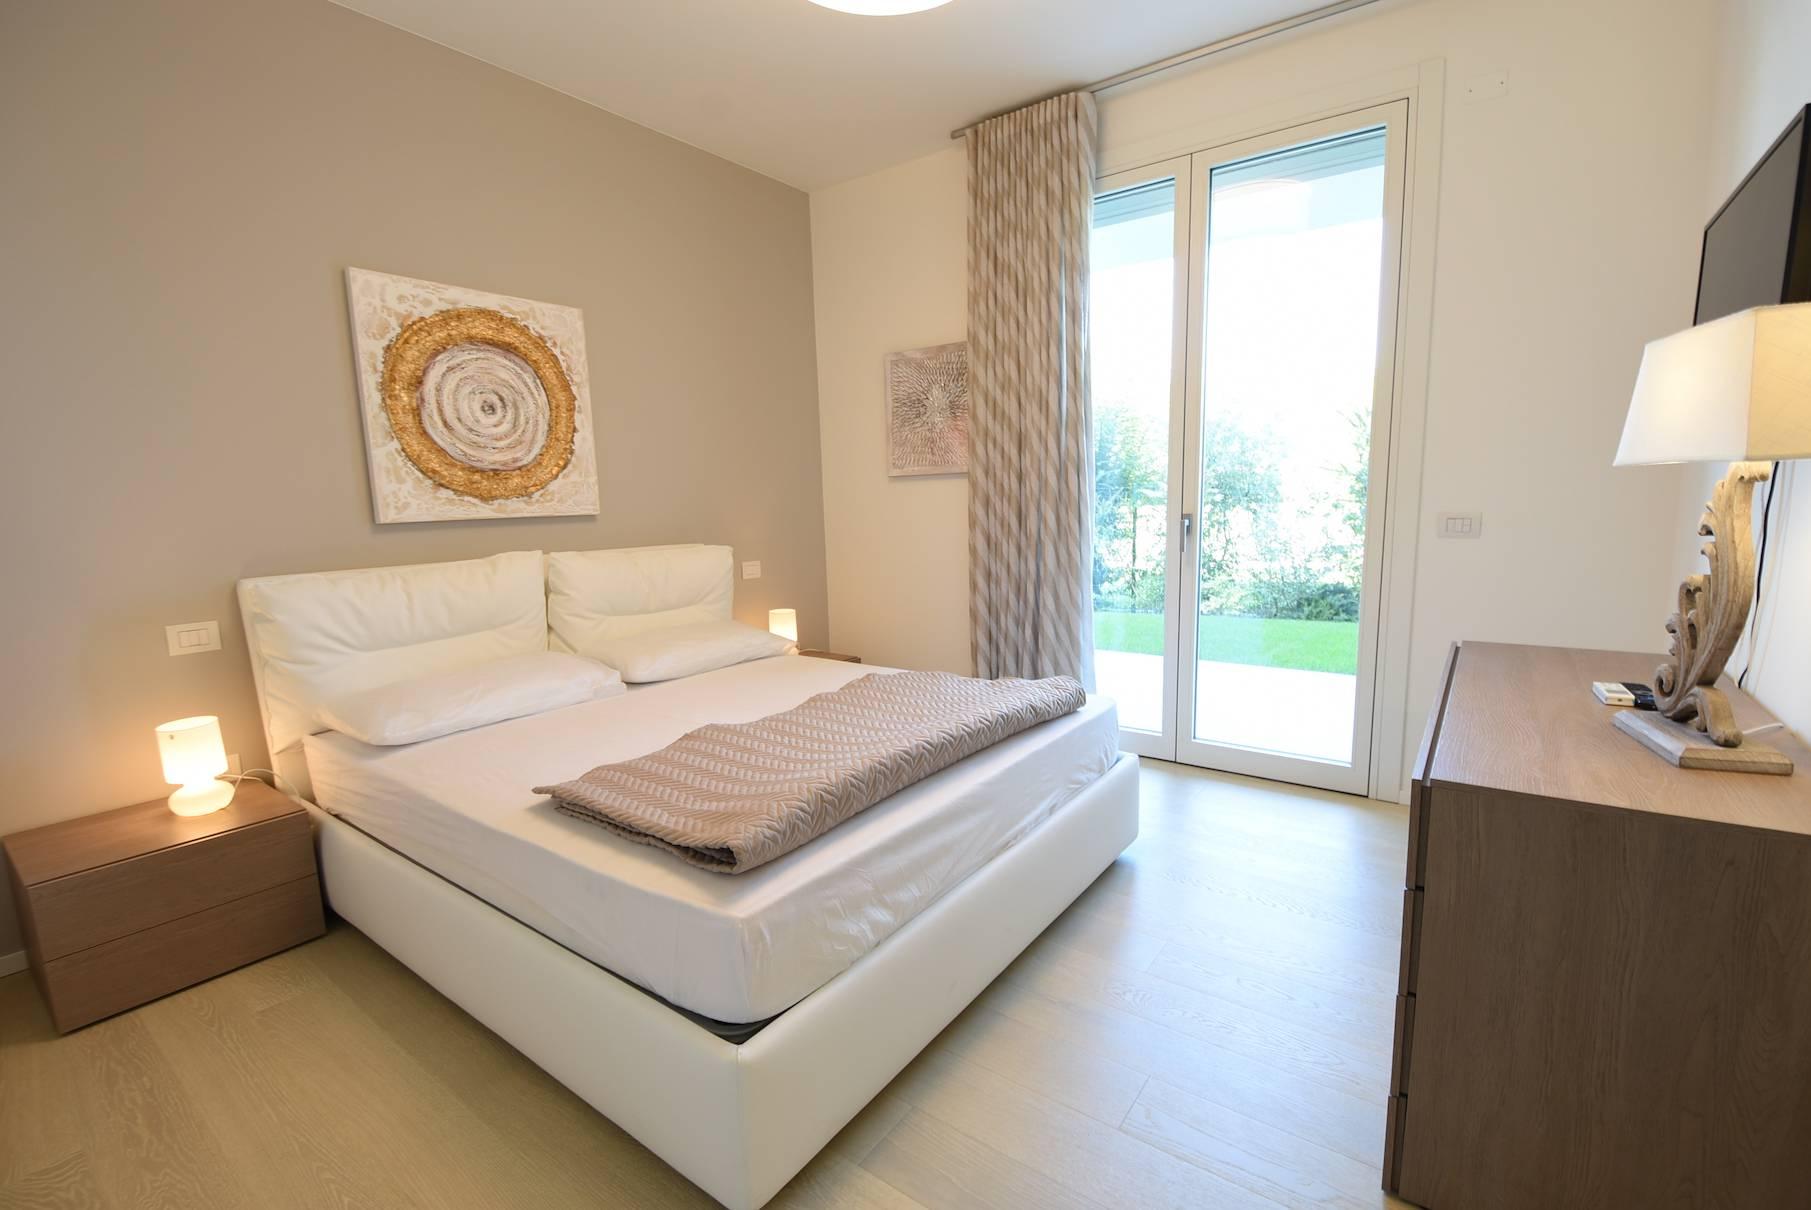 camera-letto-appartamento-stagionale-affitto-jesolo-2096823068